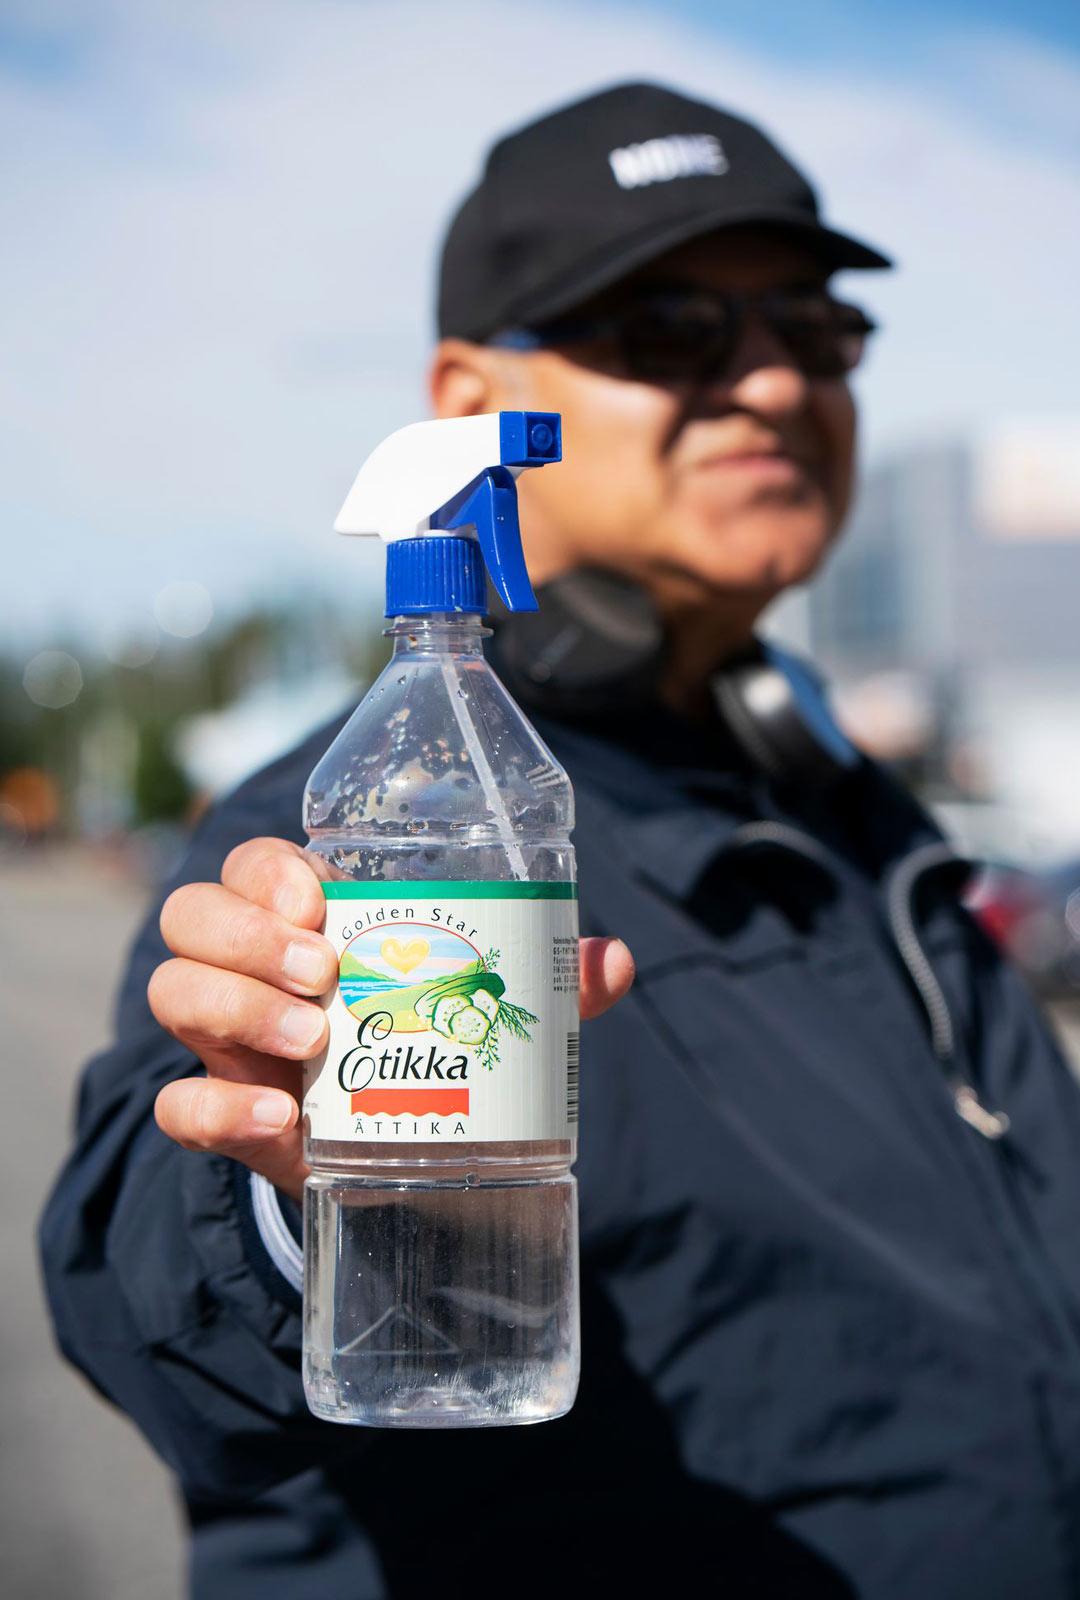 Axel Lindgren torjuu viruksia puhdistamalla kauppareissulla käyttämänsä hansikkaat etikkaliuoksella. Paljaiden käsien puhdistamiseen lääkärit eivät etikkaa suosittele, normaali pesu tai käsidesi sopivat siihen paremmin.